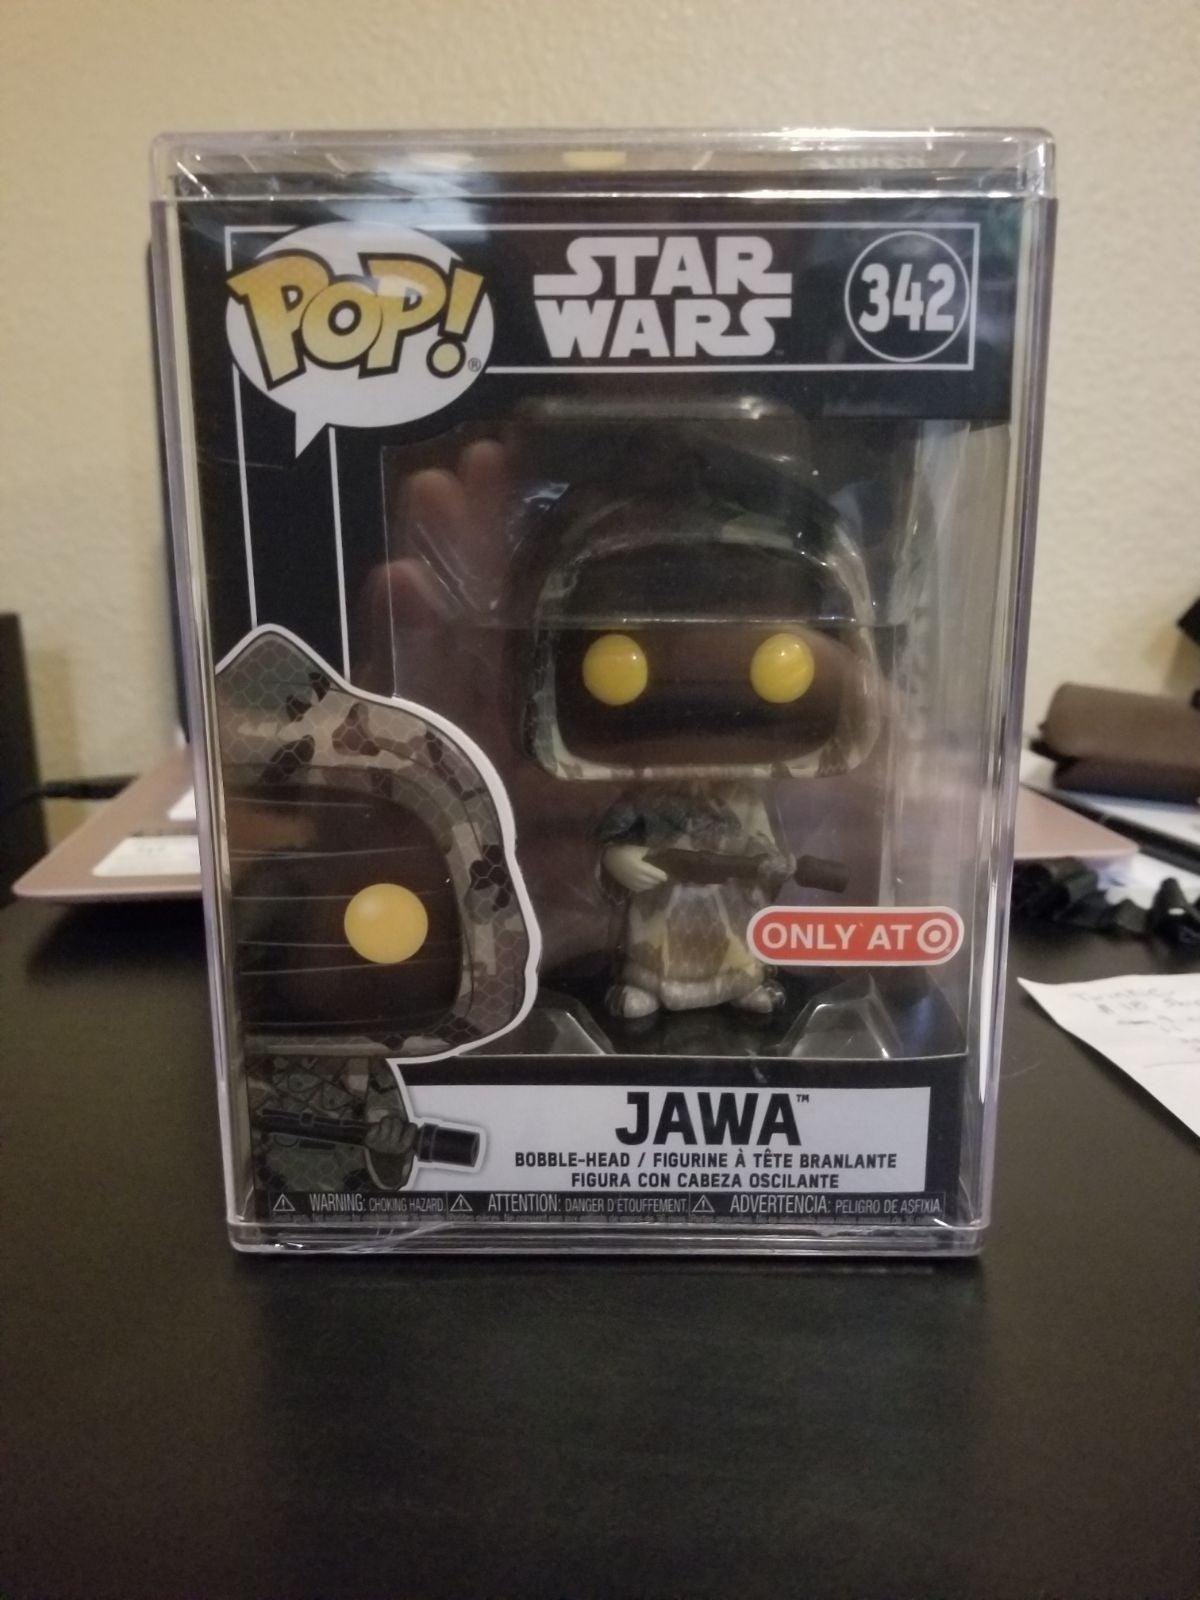 Jawa target exclusive futura pop